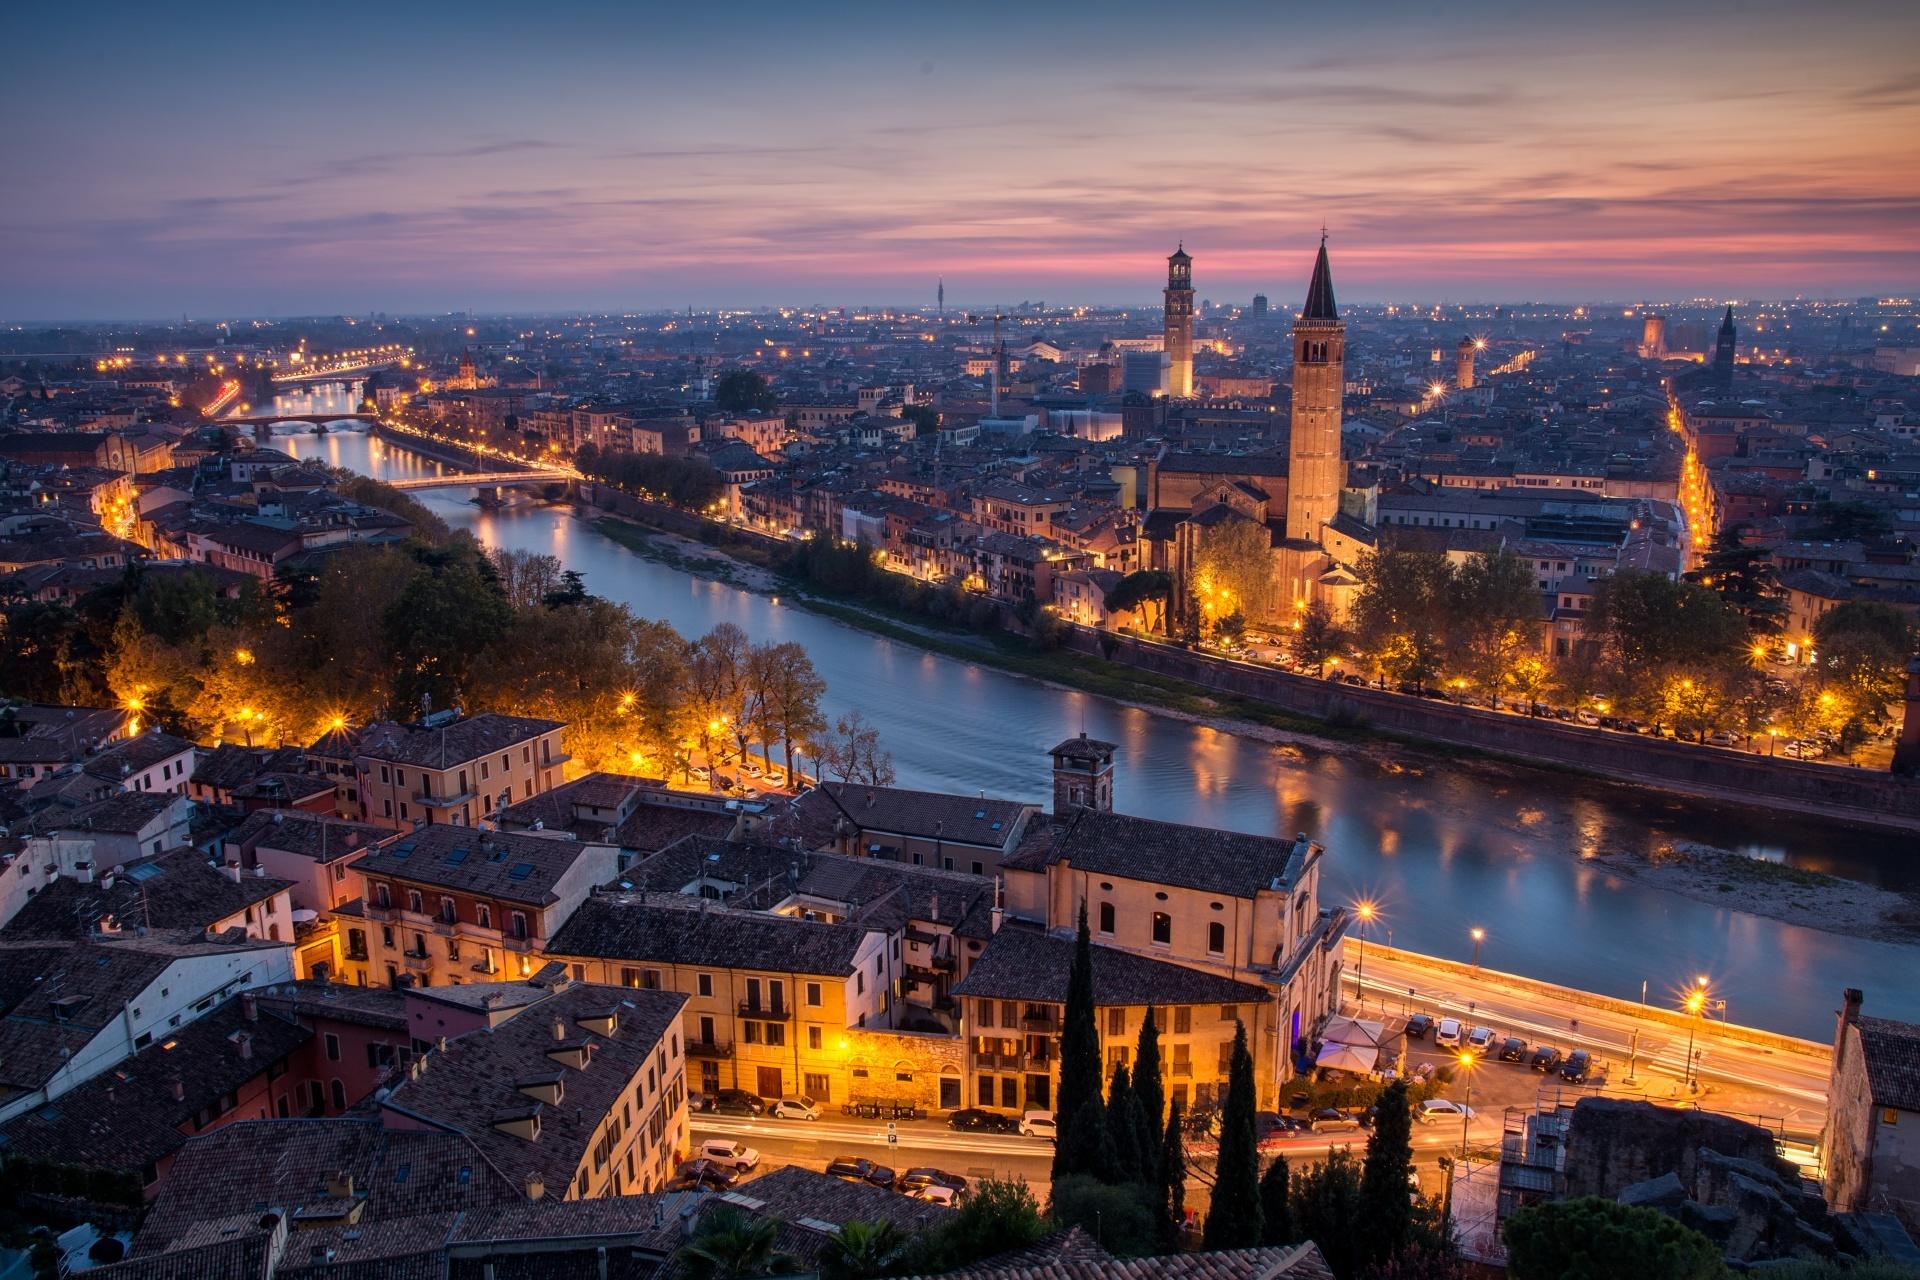 ヴェローナの秋の夕暮れの風景 イタリアの風景